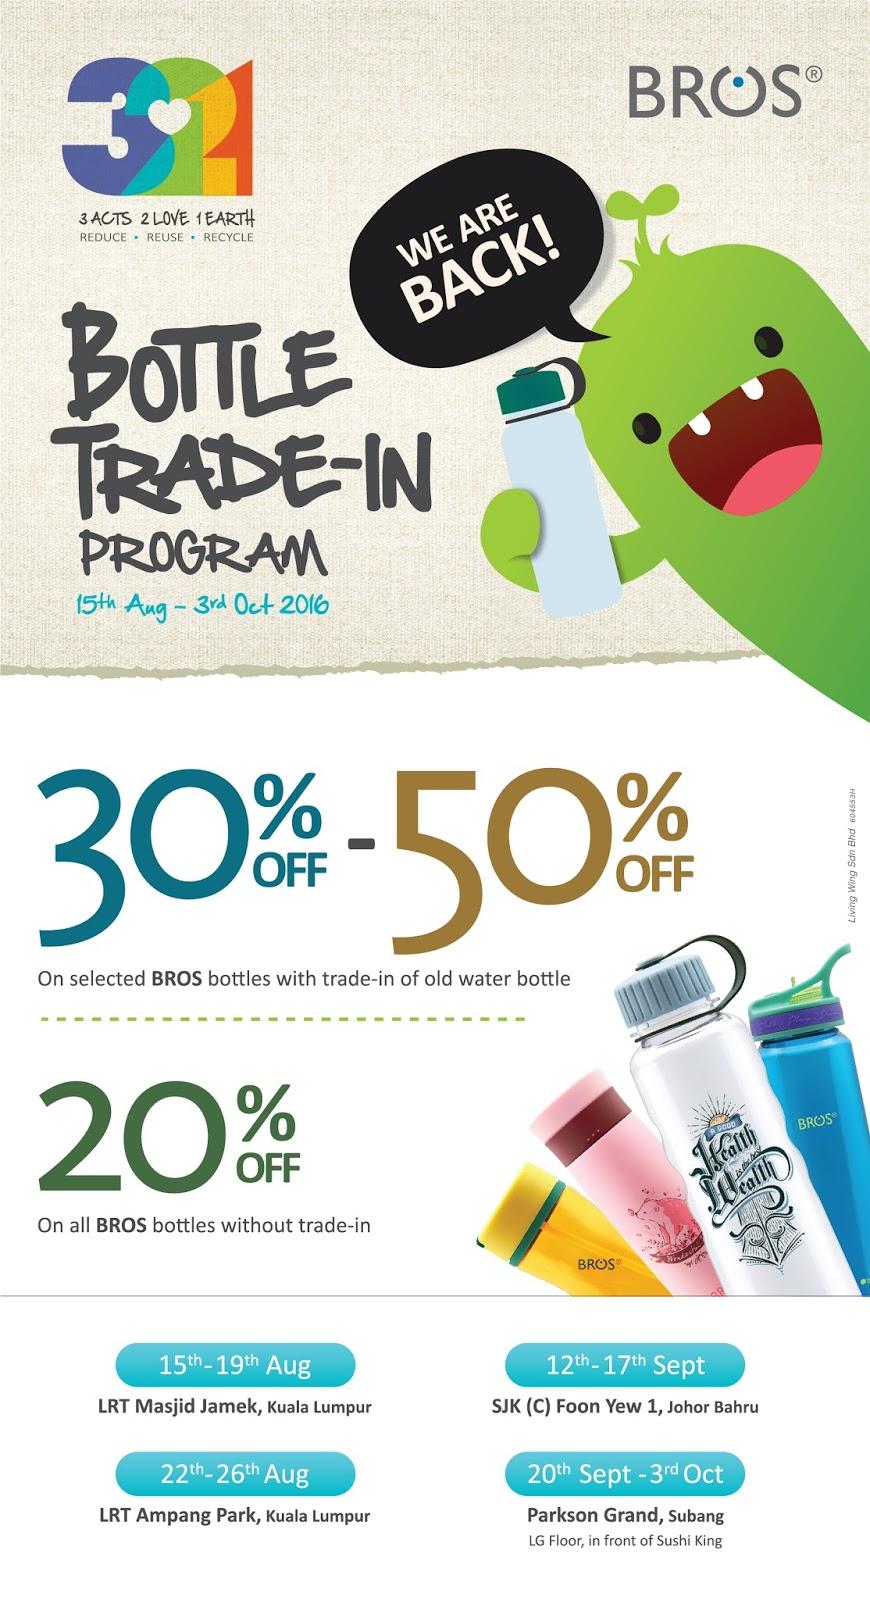 Bestlah Bros 321 Bottle Trade In Program 15 Aug 3 Oct